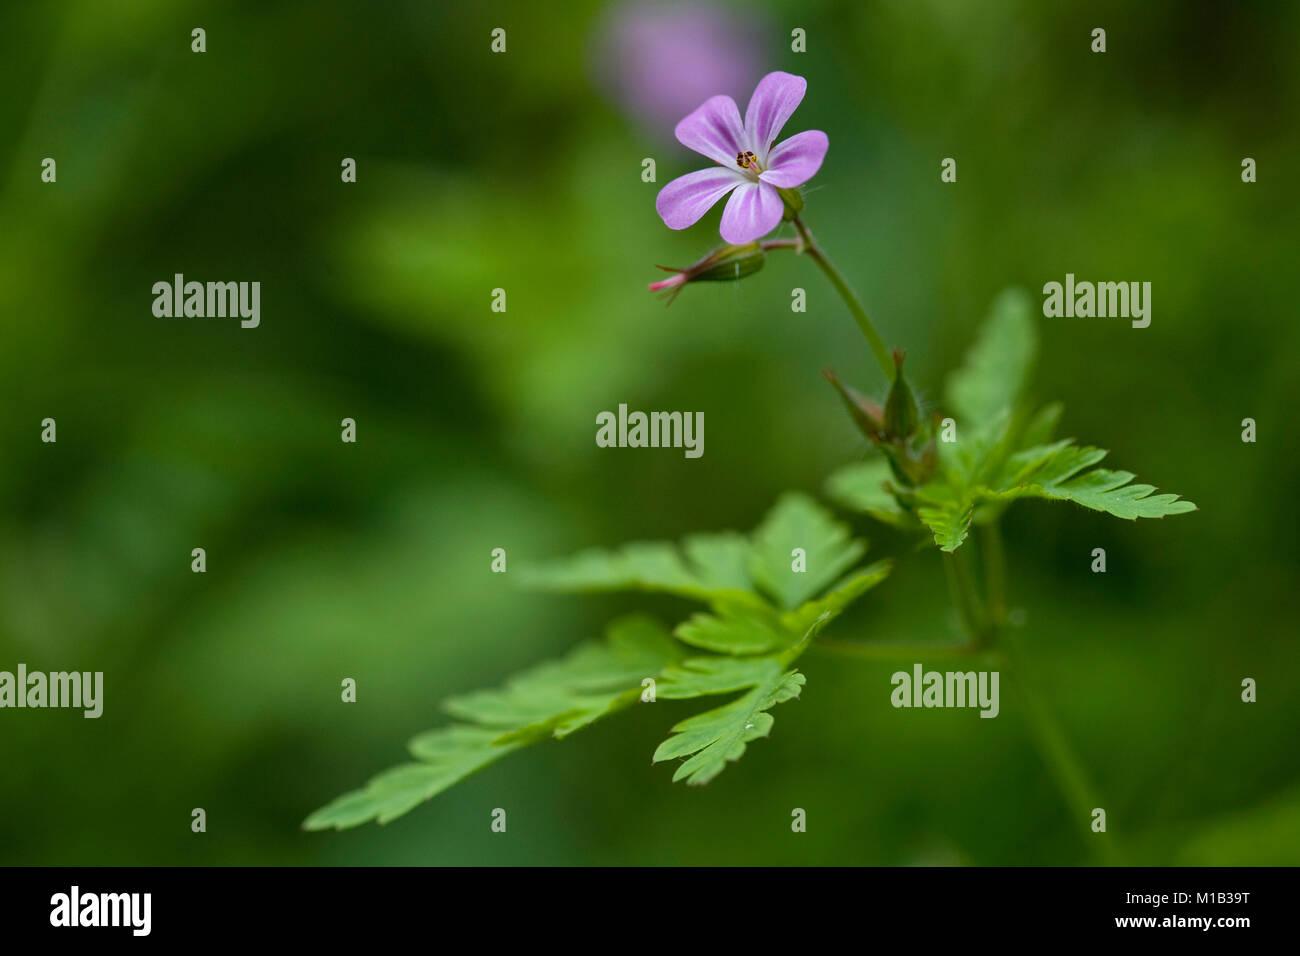 Geranium robertianum,Ruprechts Storchschnabel,Herb Robert - Stock Image